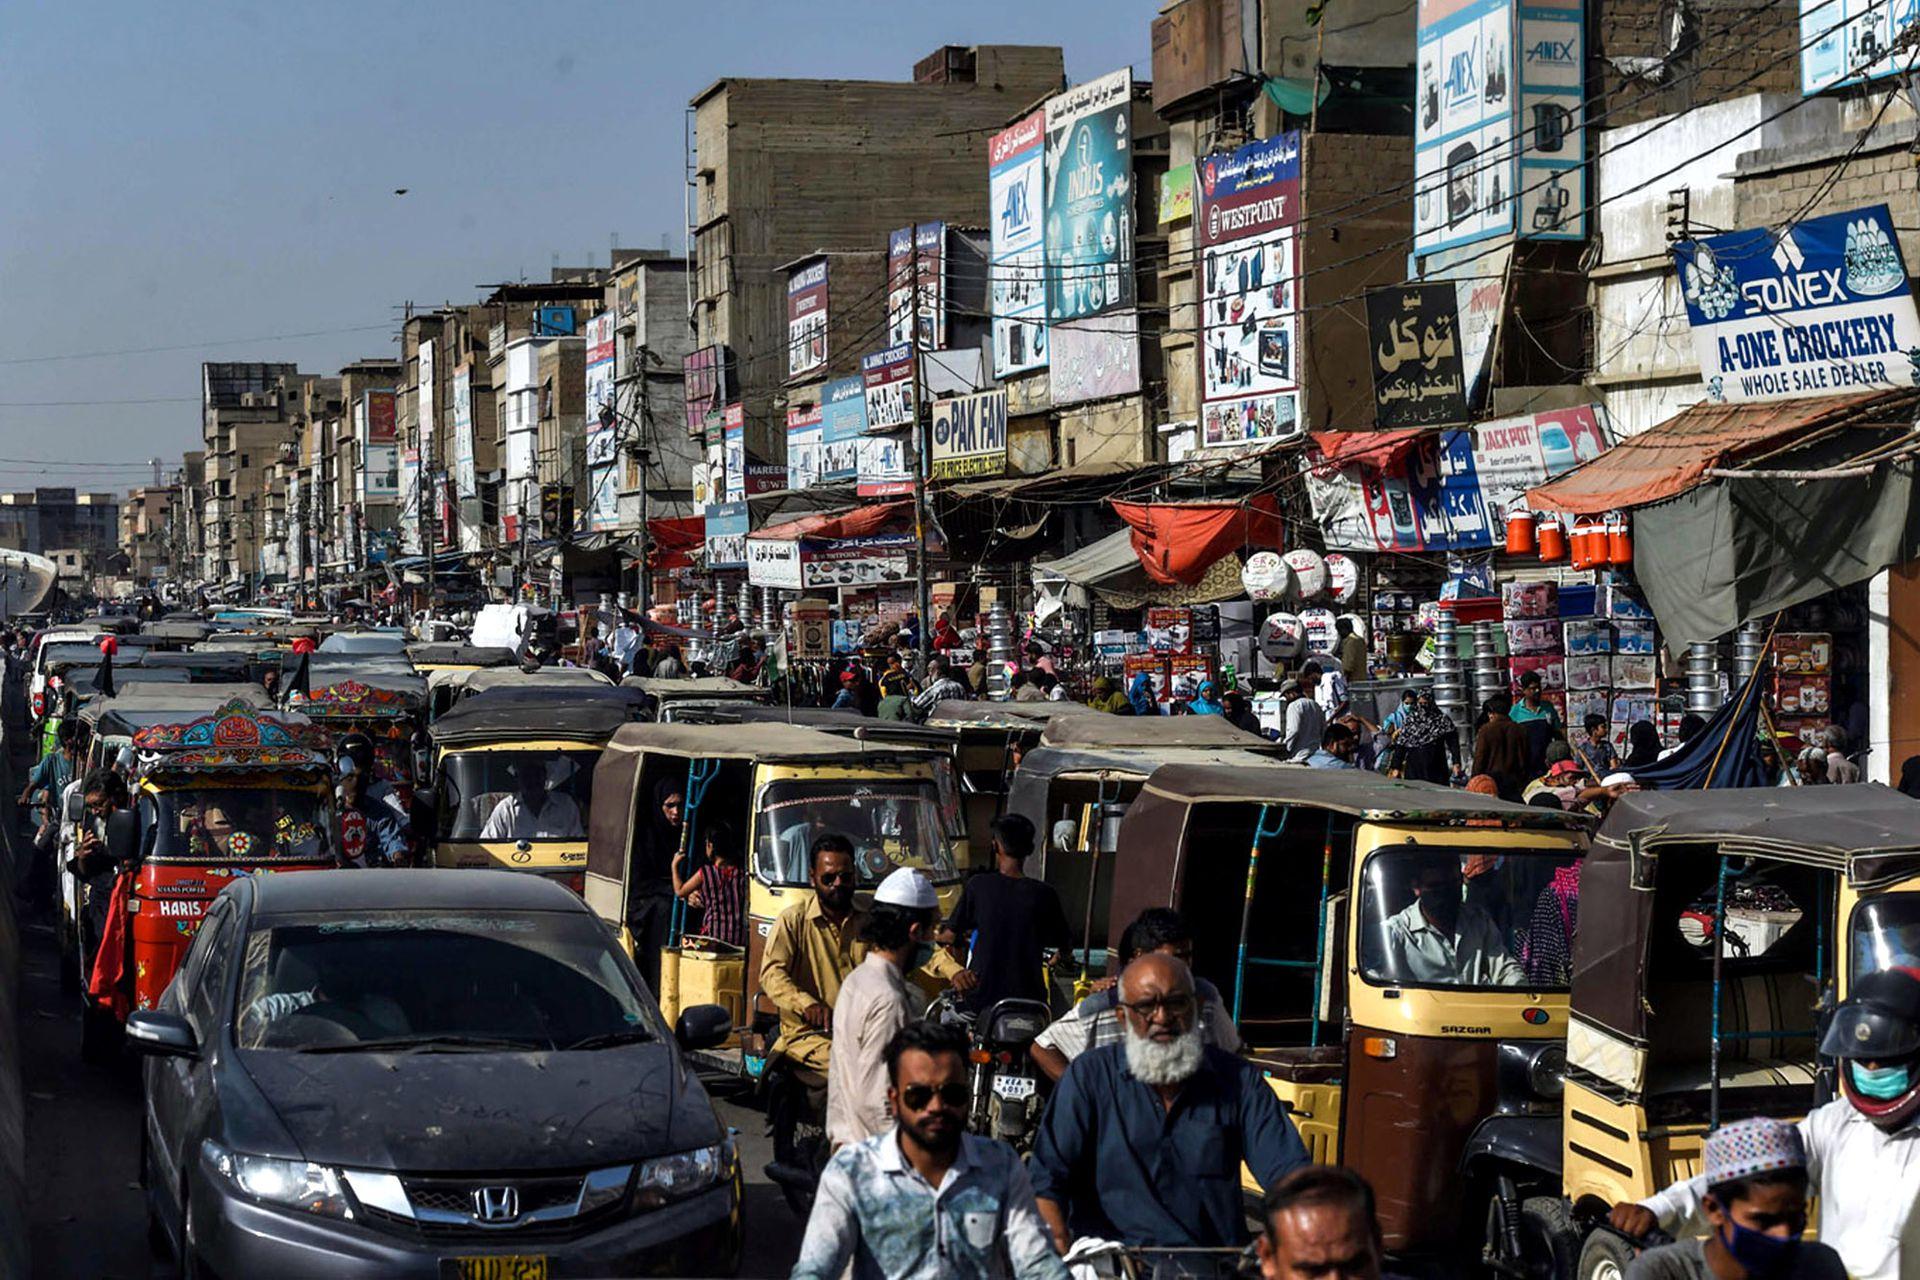 Los musulmanes de Asia han colmado bazares y mercados mientras se preparan para el feriado anual de Eid al-Fitr, ignorando las pautas para prevenir el coronavirus. En la foto se muestra un embotellamiento en Karachi